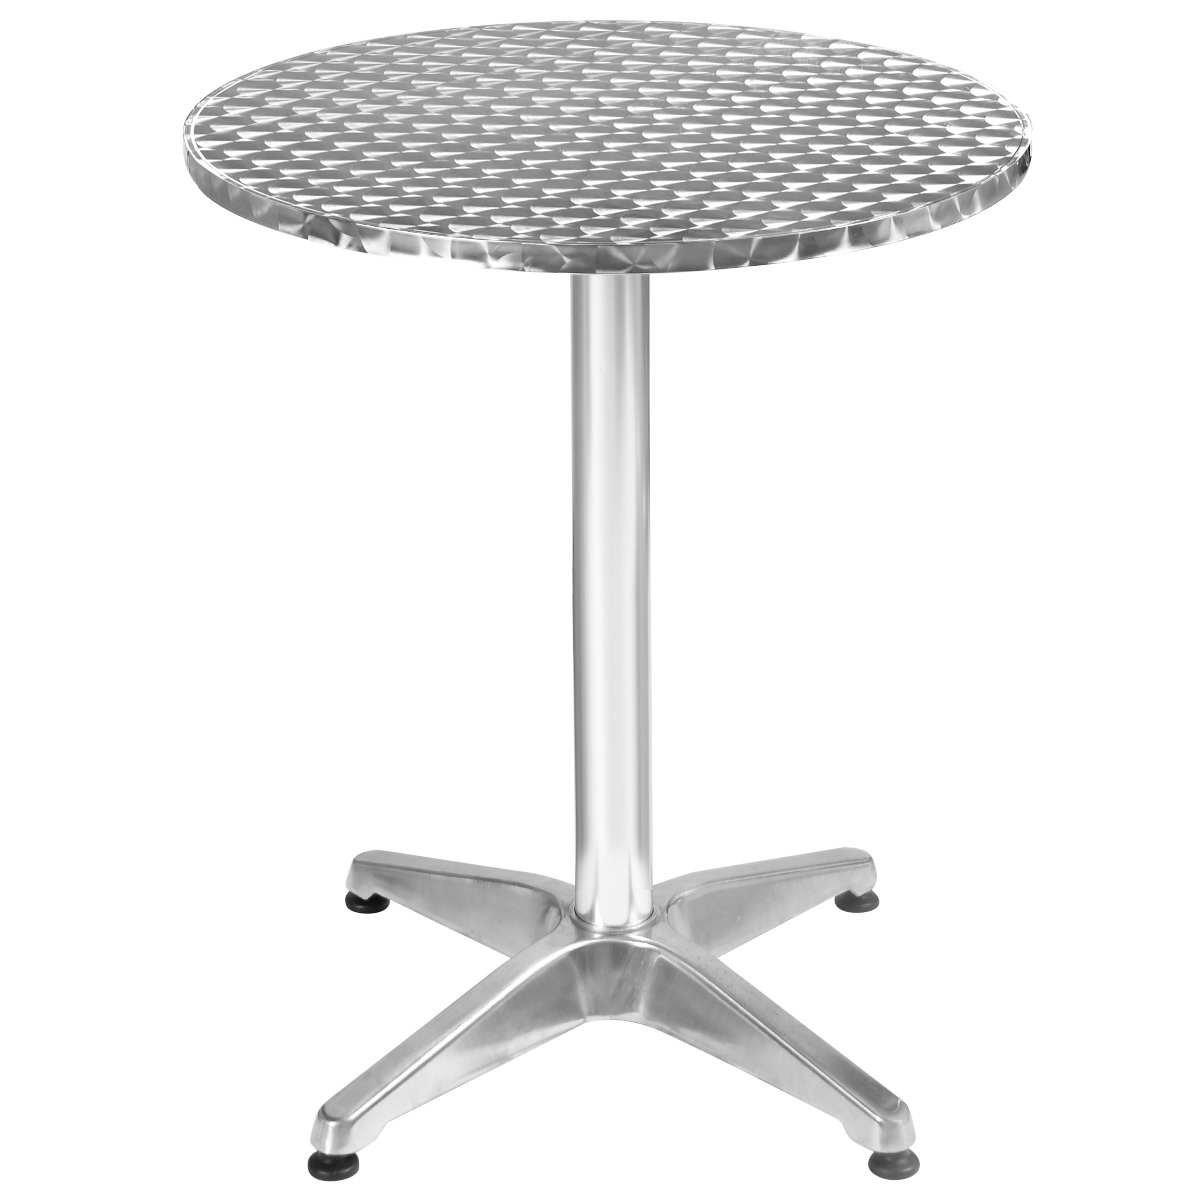 Bistrotisch Stehtisch Bartisch Balkontisch Patytisch Aluminium Tisch Gartentisch Ø60cm Outdoor Gartenmöbel Rostfrei Höhenverstellbar 75cm oder 110cm online kaufen